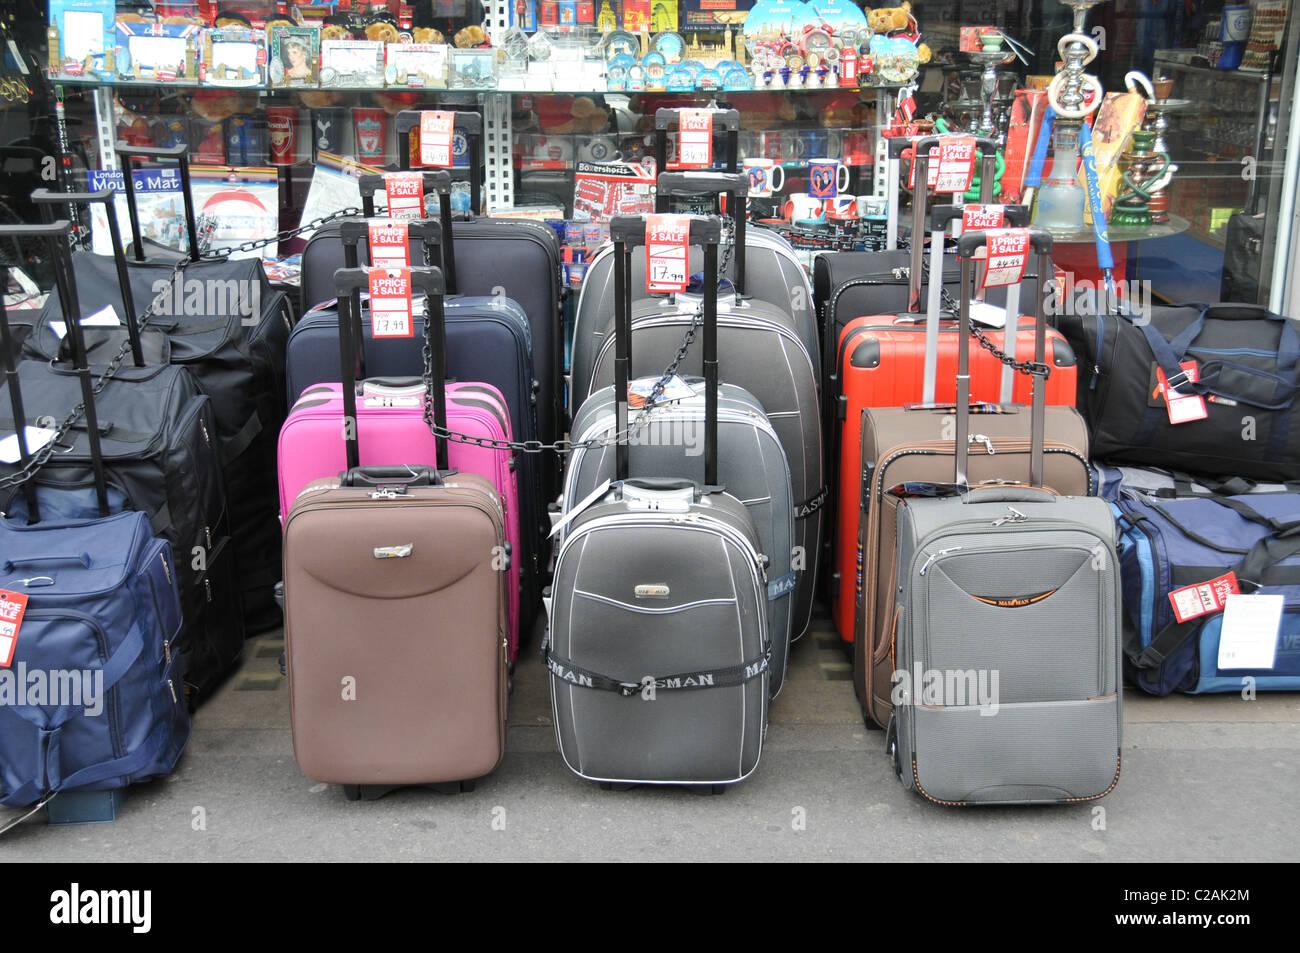 91dda88e9 Maletas de viaje tienda de maletas de los casos muestran la venta en venta  gangas organizado barato · Matthew Chattle / Alamy Foto de stock